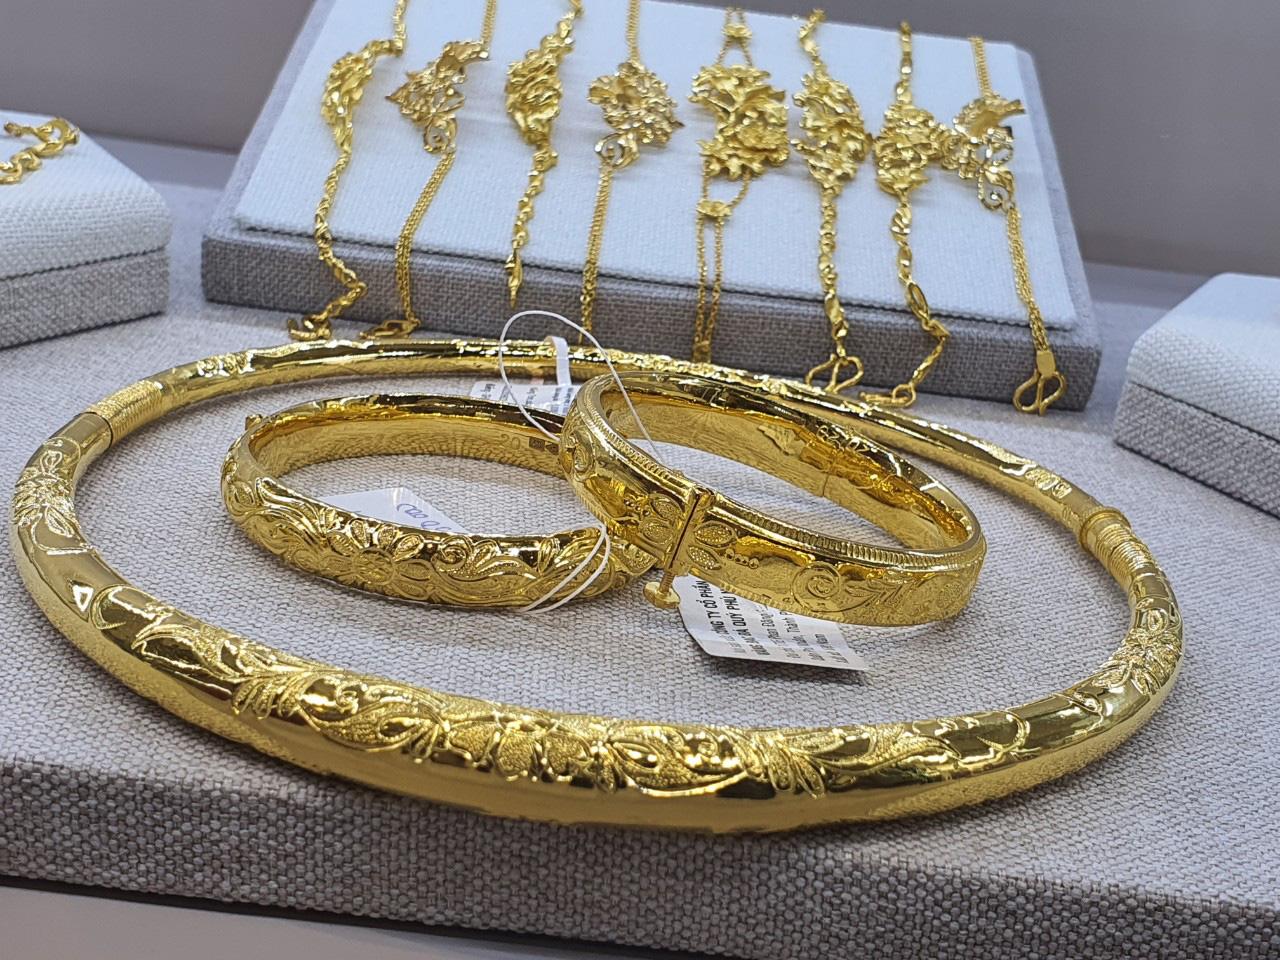 [eMagazine] Giá vàng đảo điên, nhà đầu tư run tay, vàng lậu rình rập - Ảnh 16.